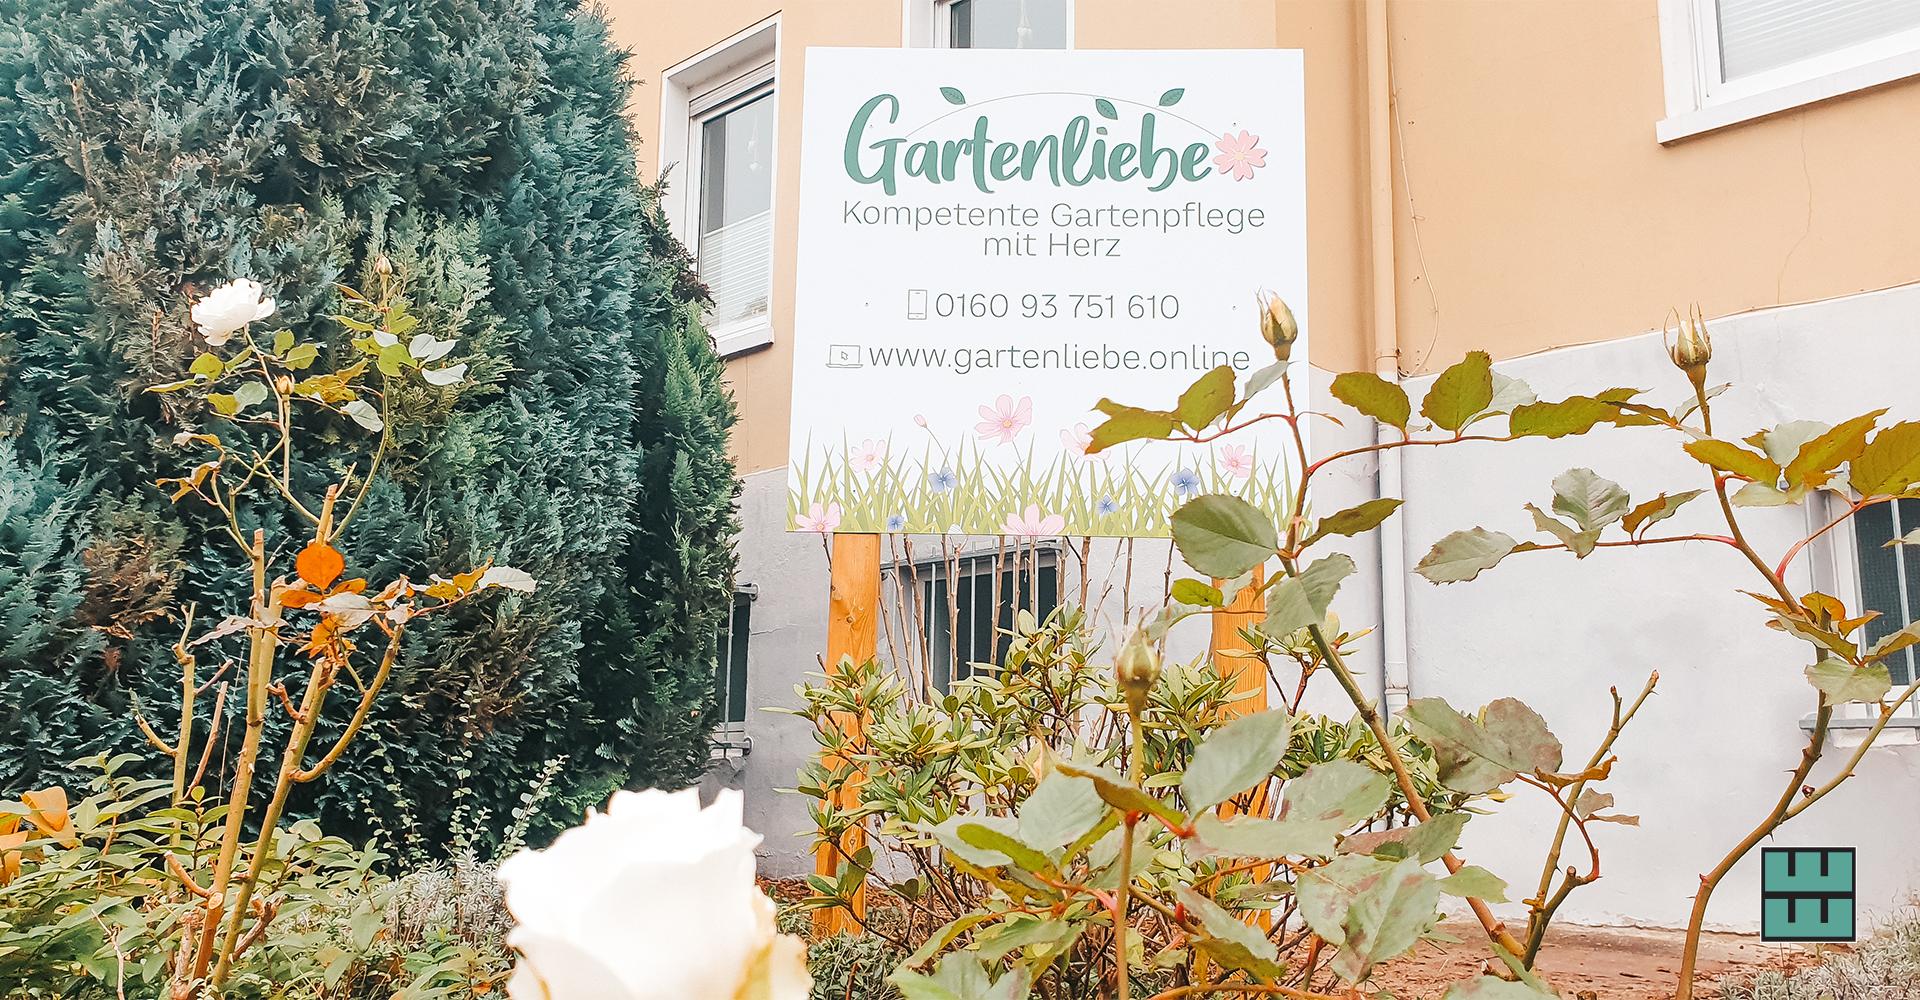 Die Gartenliebe Alfeld haben wir nicht nur mit neuer Autobeklebungunterstützt, sondern durften auch ein neues Schild produzieren.